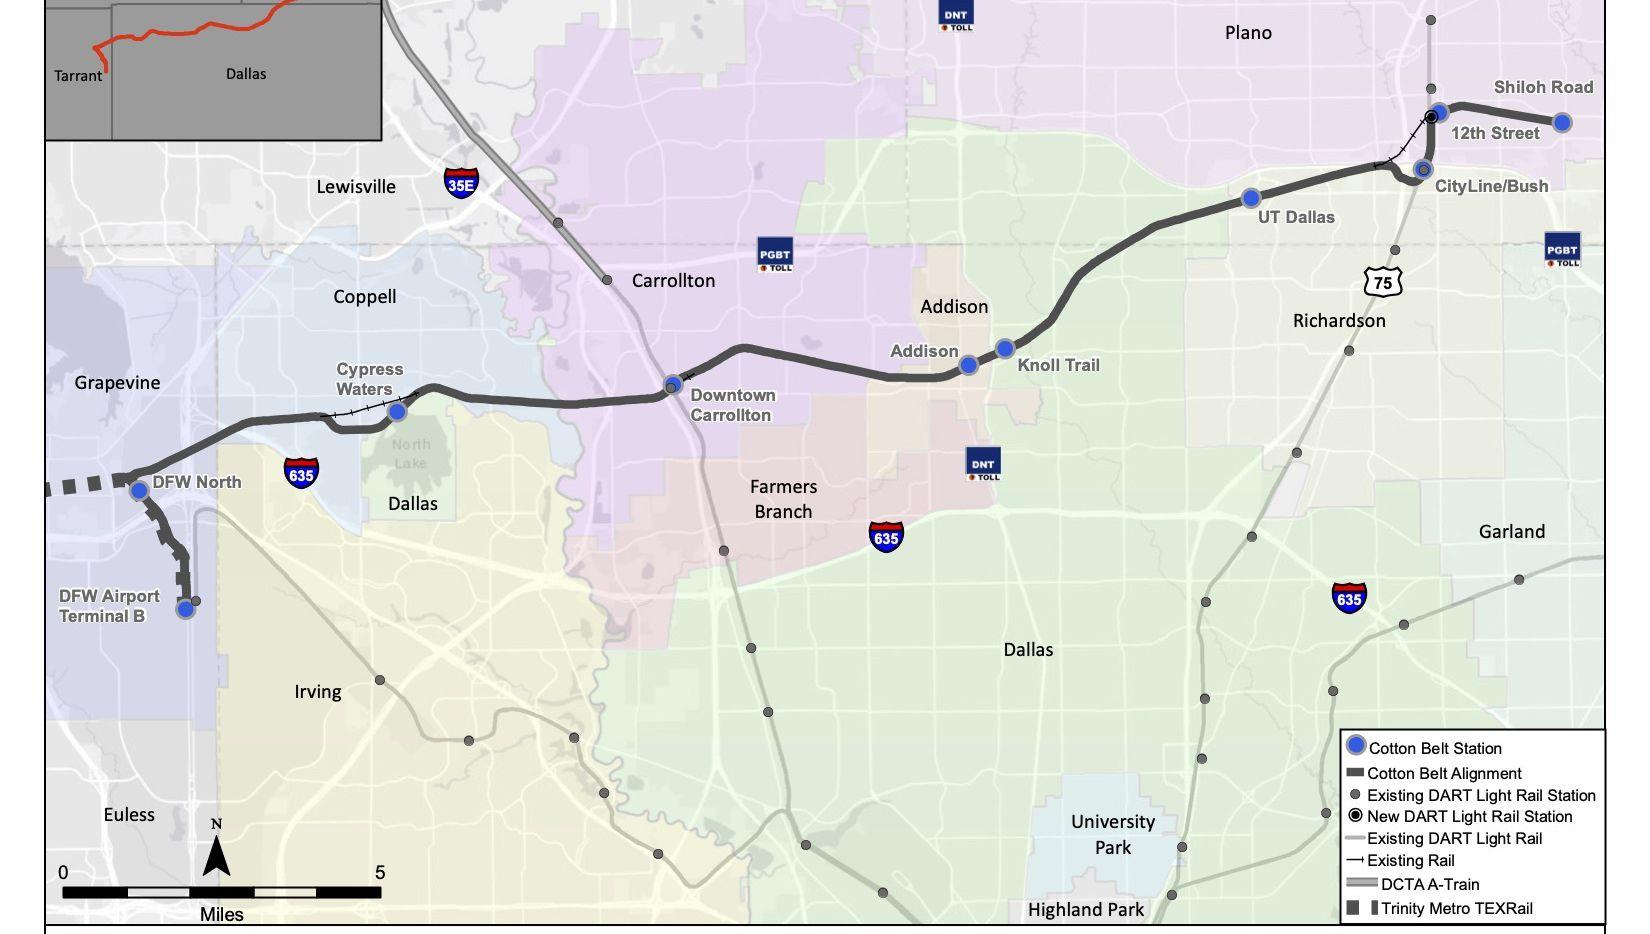 El costo estimado de construcción de la Línea Plata del DART será de alrededor de $1,200 millones.